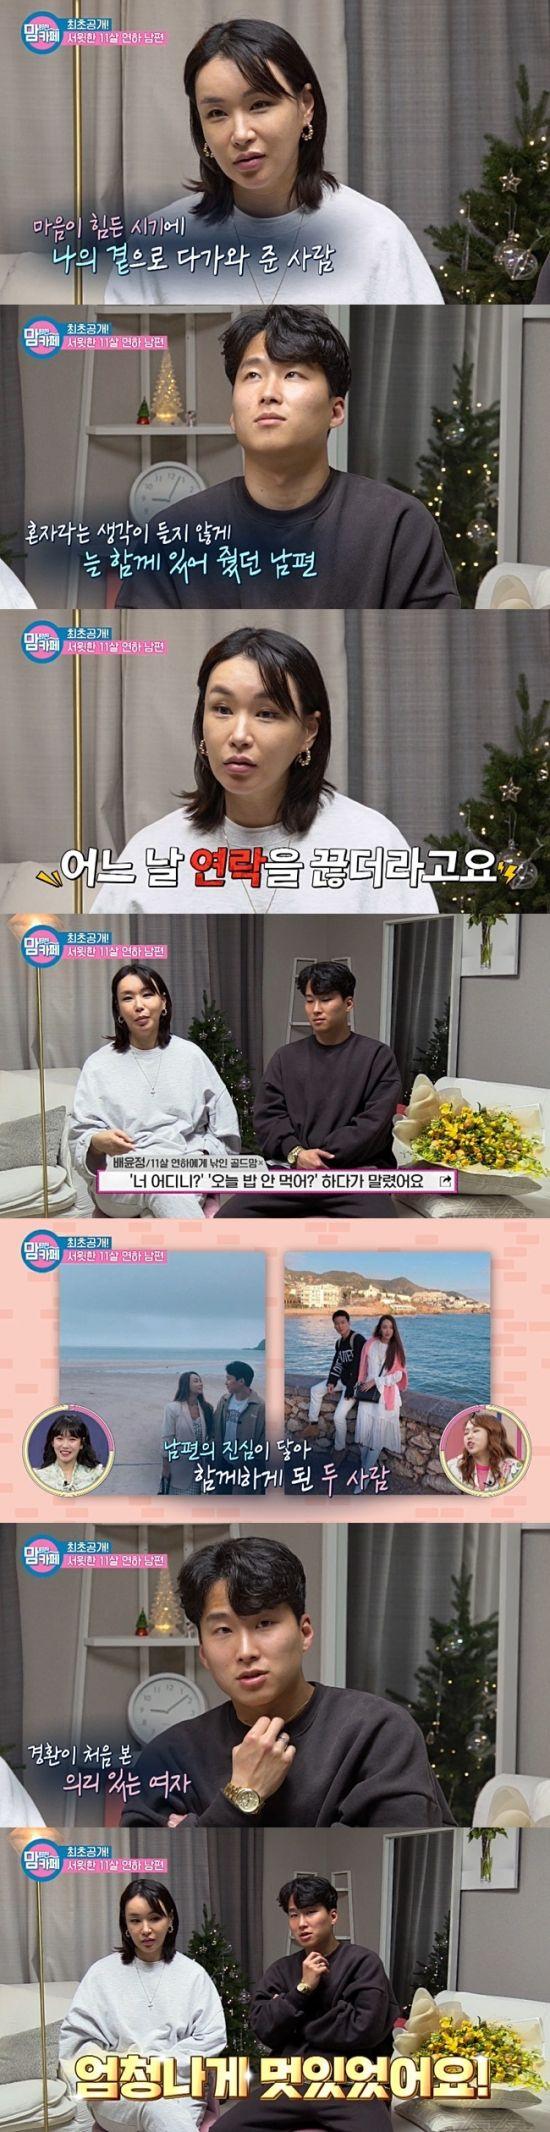 """배윤정, 11살 연하 남편 최초 공개 """"3개월간 집앞 찾아와"""""""